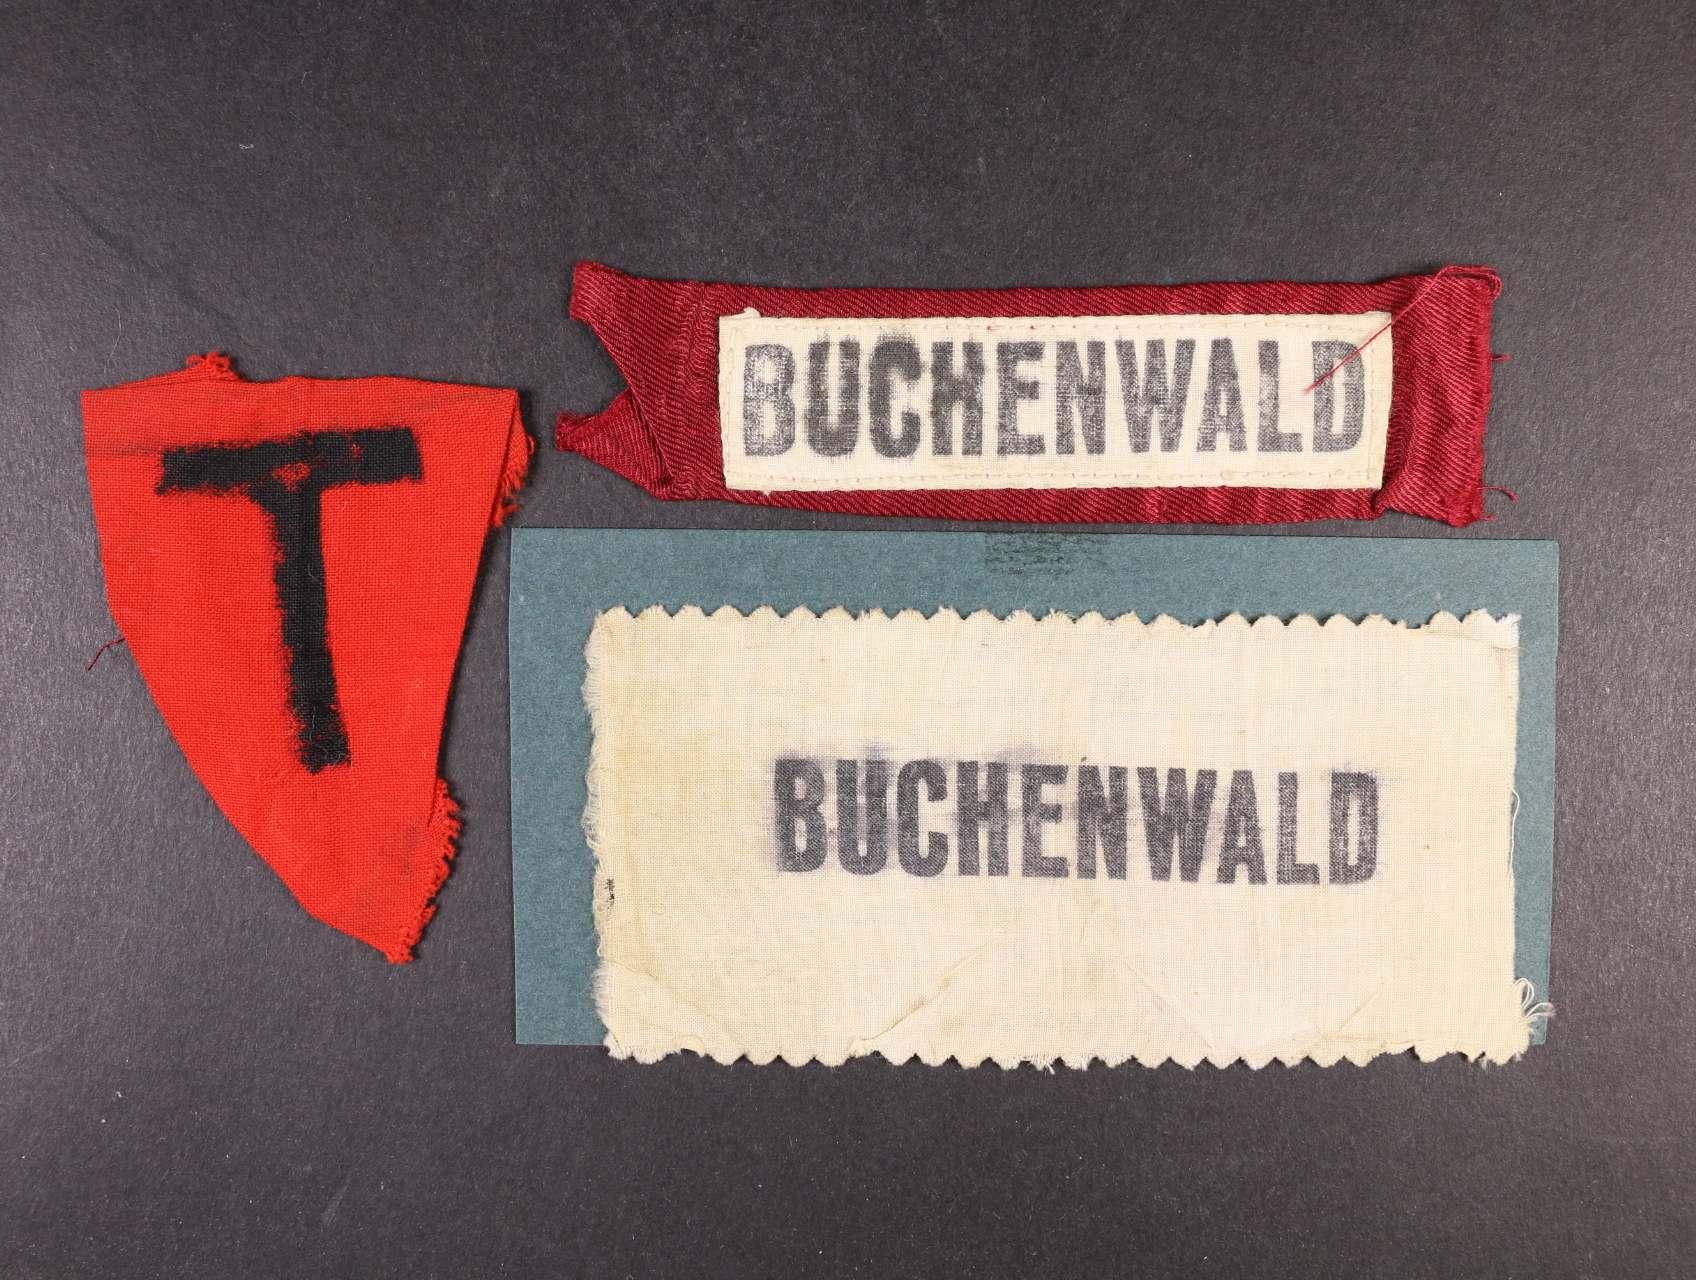 Buchenwald - červená trojůhelníková nášivka na oděv s písmenem T a dvě bílé nášivky s nápisem BUCHENWALD